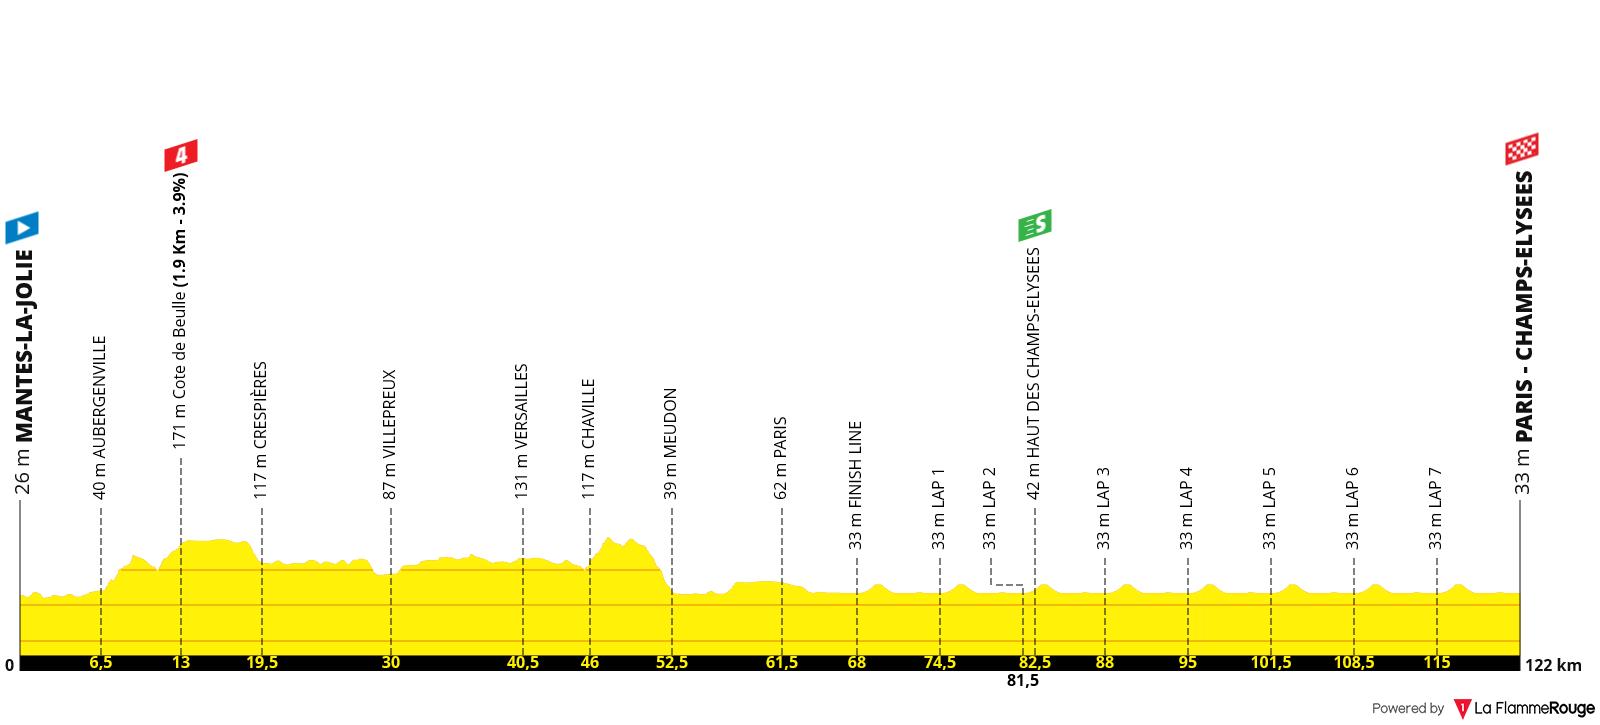 Perfil Etapa 21 - Tour de Francia 2020 - Mantes-la-Jolie Paris Champs-Élysées